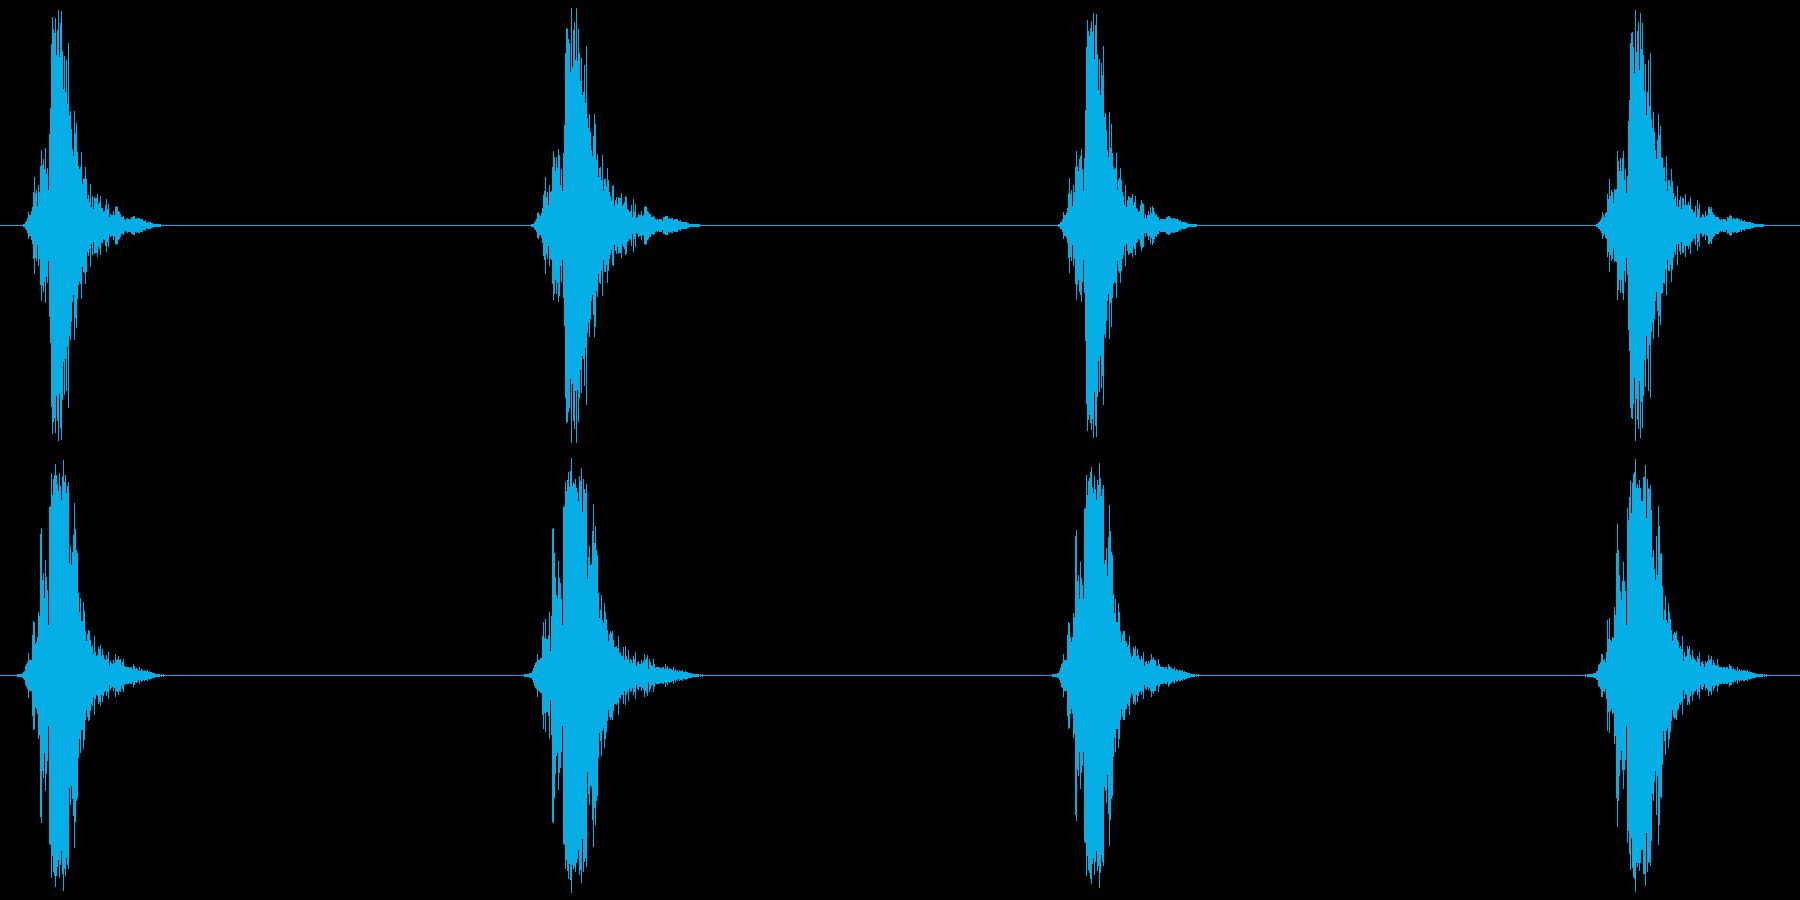 はしご、脚立 (昇降) カッカッカッカッの再生済みの波形